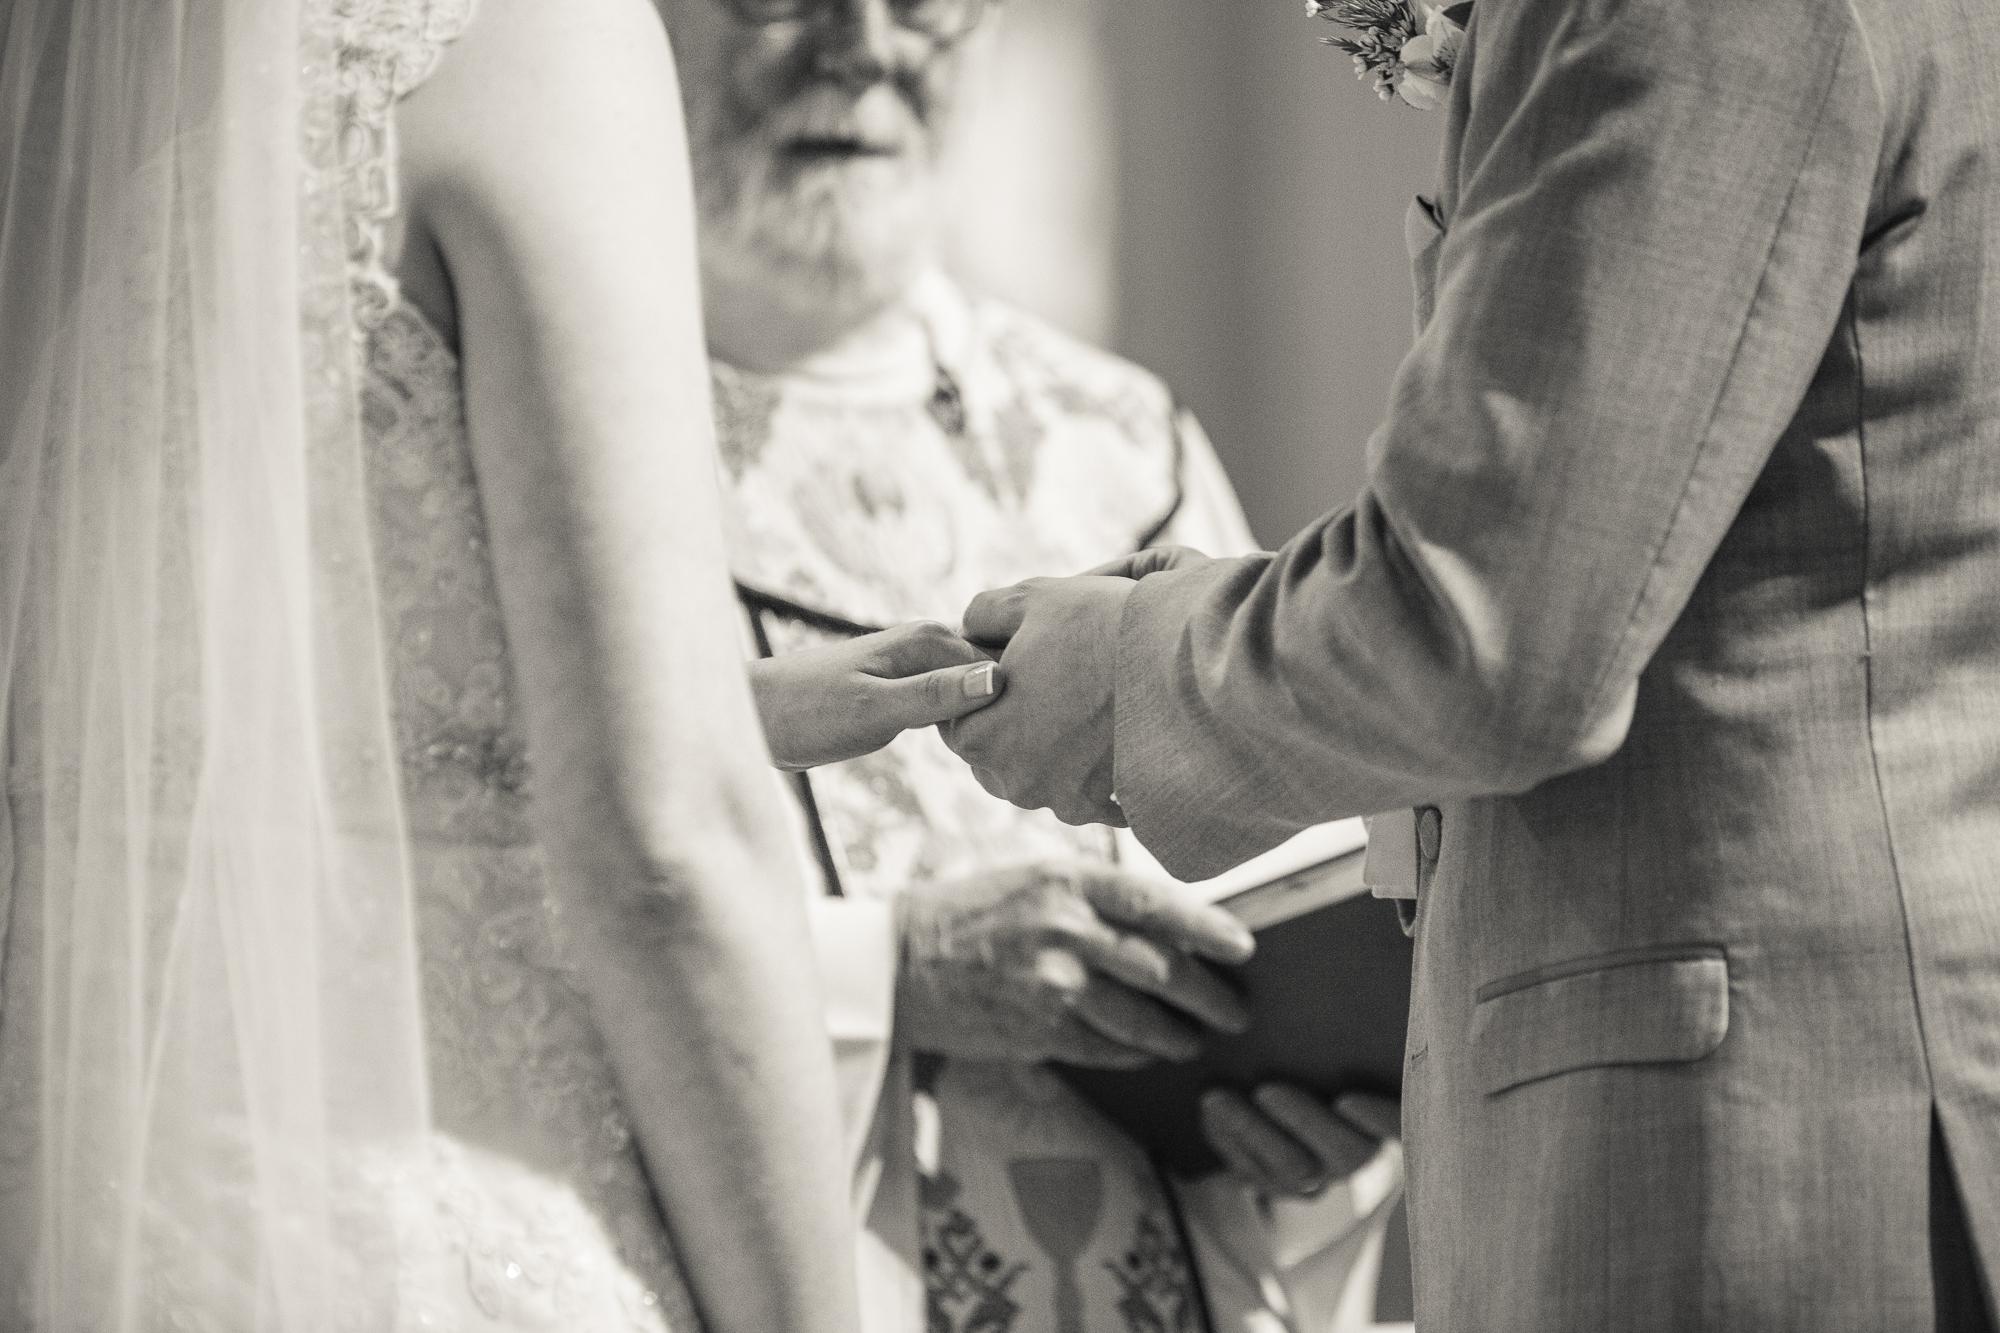 scranton-wedding-photography-zak-zavada-poconos--kellyGeoff-022.jpg